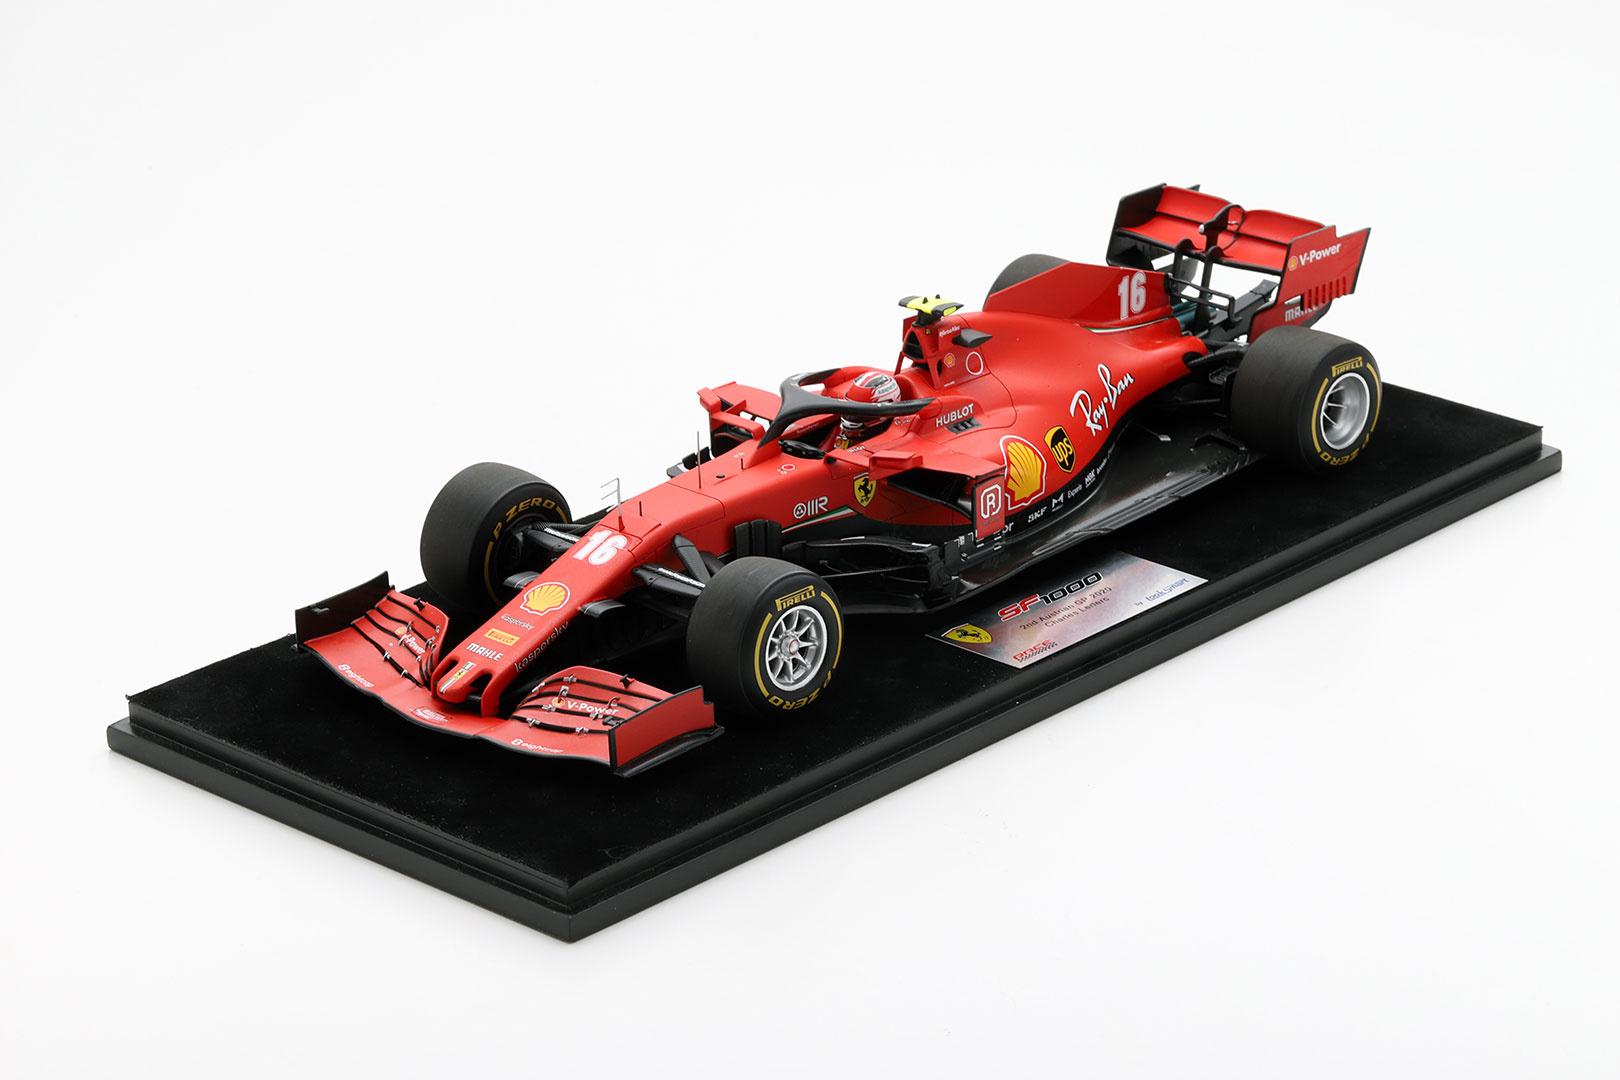 Looksmart Ferrari LeClerc 1:18 schaalmodel 2020 - GP Oostenrijk